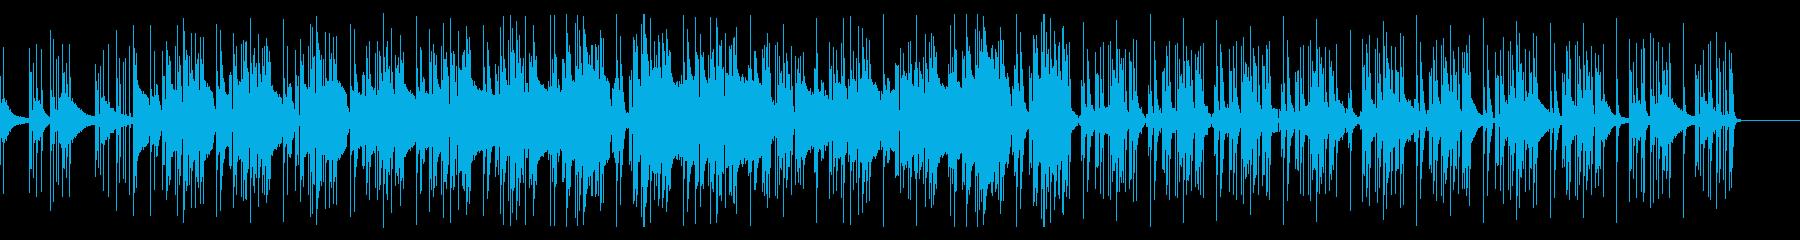 ピアノにTRAPビートの再生済みの波形